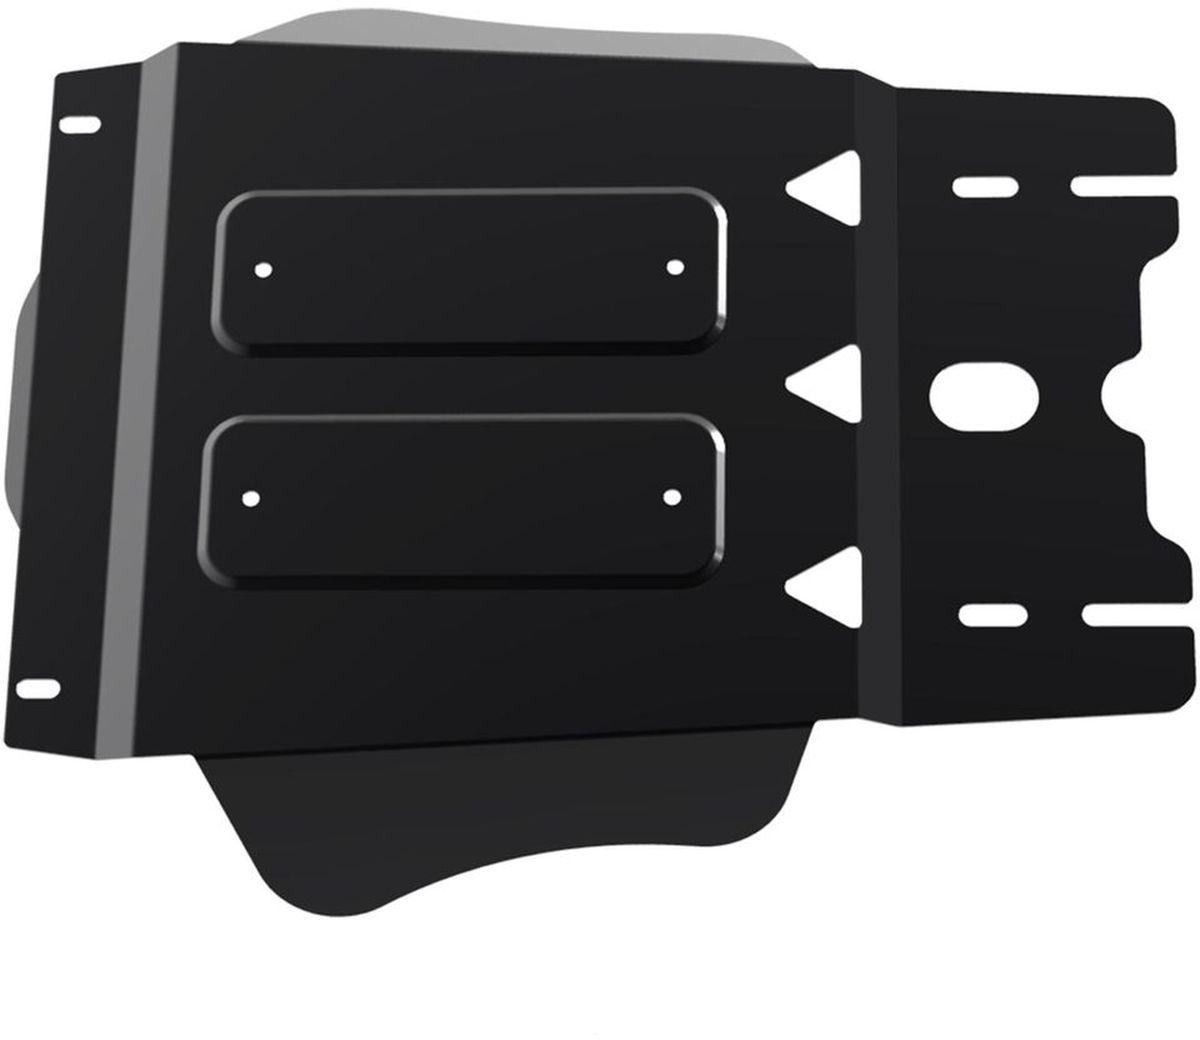 Защита КПП Автоброня, для Chevrolet Niva, V - 1,7 (2002-)111.01014.2Технологически совершенный продукт за невысокую стоимость. Защита разработана с учетом особенностей днища автомобиля, что позволяет сохранить дорожный просвет с минимальным изменением. Защита устанавливается в штатные места кузова автомобиля. Глубокий штамп обеспечивает до двух раз больше жесткости в сравнении с обычной защитой той же толщины. Проштампованные ребра жесткости препятствуют деформации защиты при ударах. Тепловой зазор и вентиляционные отверстия обеспечивают сохранение температурного режима двигателя в норме. Скрытый крепеж предотвращает срыв крепежных элементов при наезде на препятствие. Шумопоглощающие резиновые элементы обеспечивают комфортную езду без вибраций и скрежета металла, а съемные лючки для слива масла и замены фильтра - экономию средств и время. Конструкция изделия не влияет на пассивную безопасность автомобиля (при ударе защита не воздействует на деформационные зоны кузова). Со штатным крепежом. В комплекте инструкция по установке....